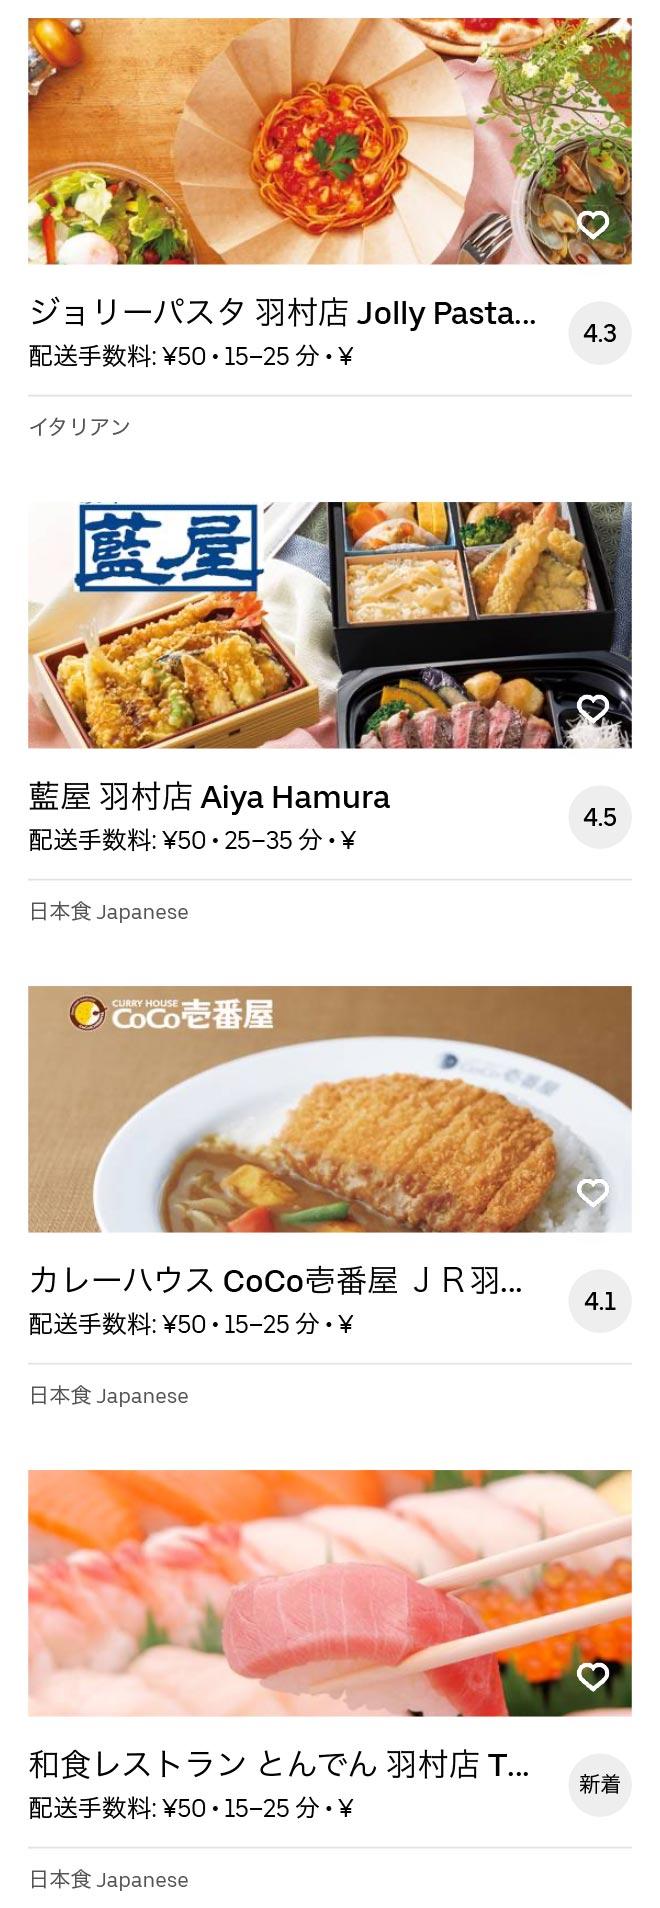 Hamura menu 2004 01